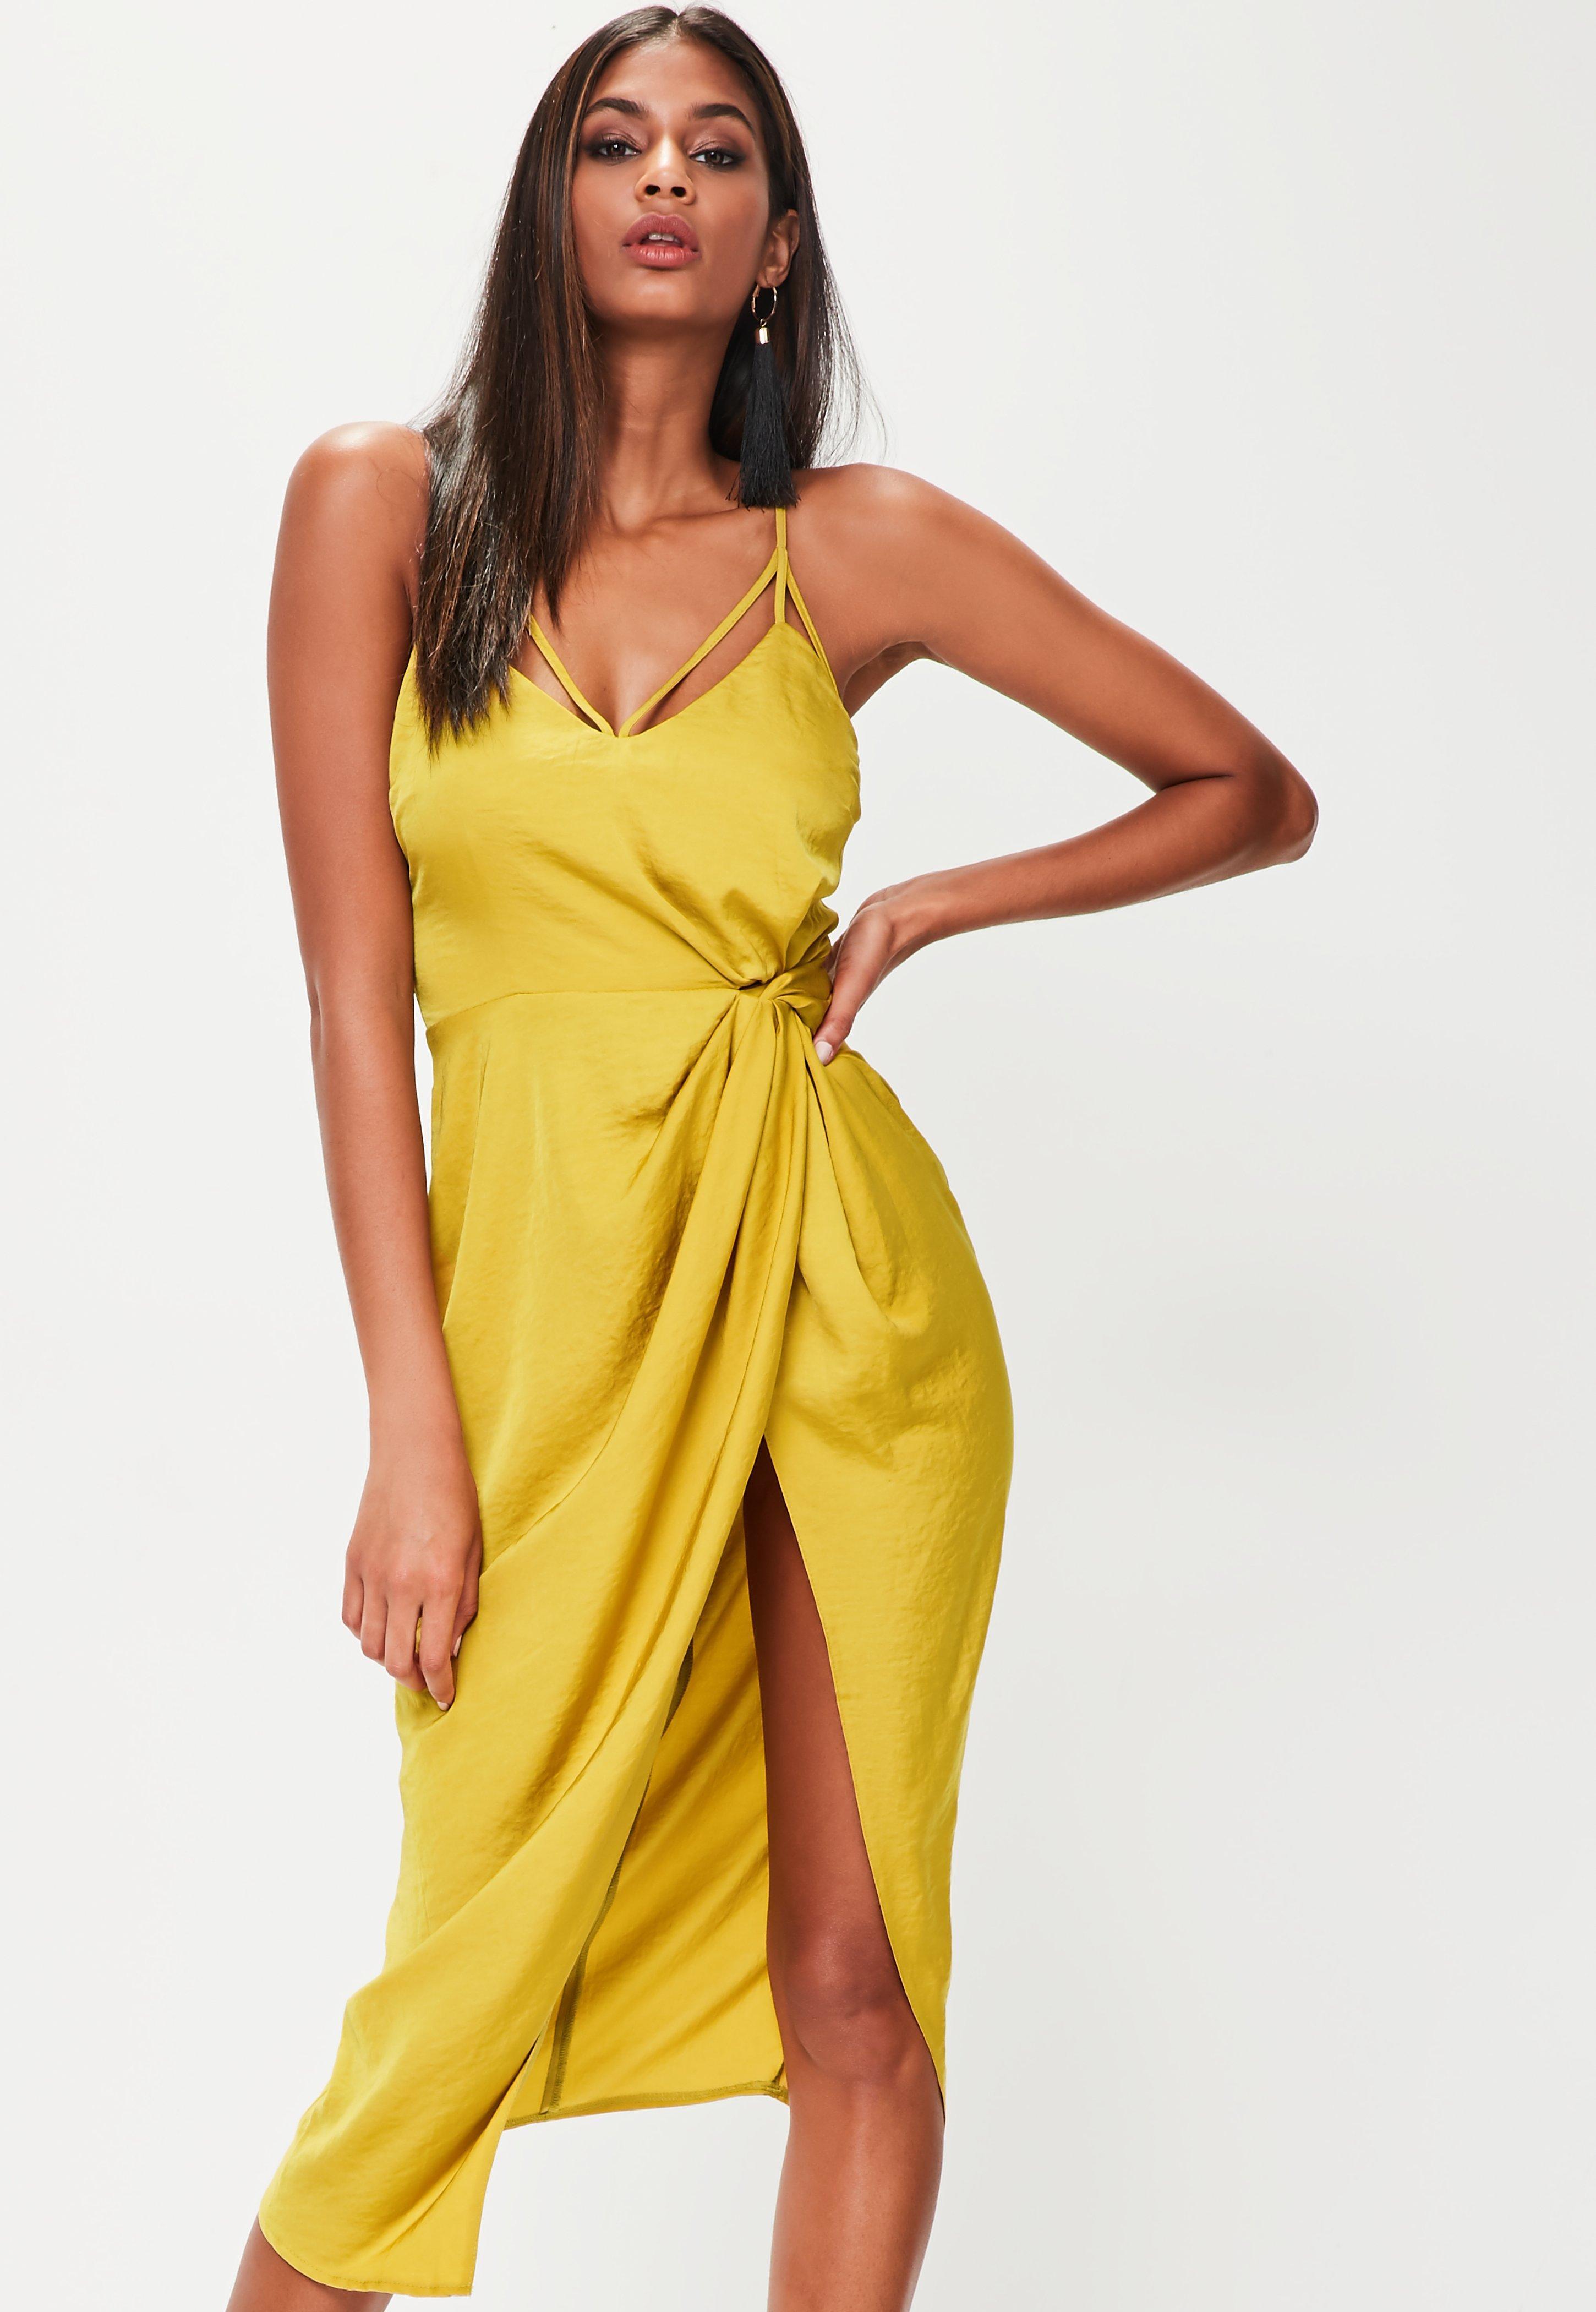 Yellow backless bandage dress uk vs usa.